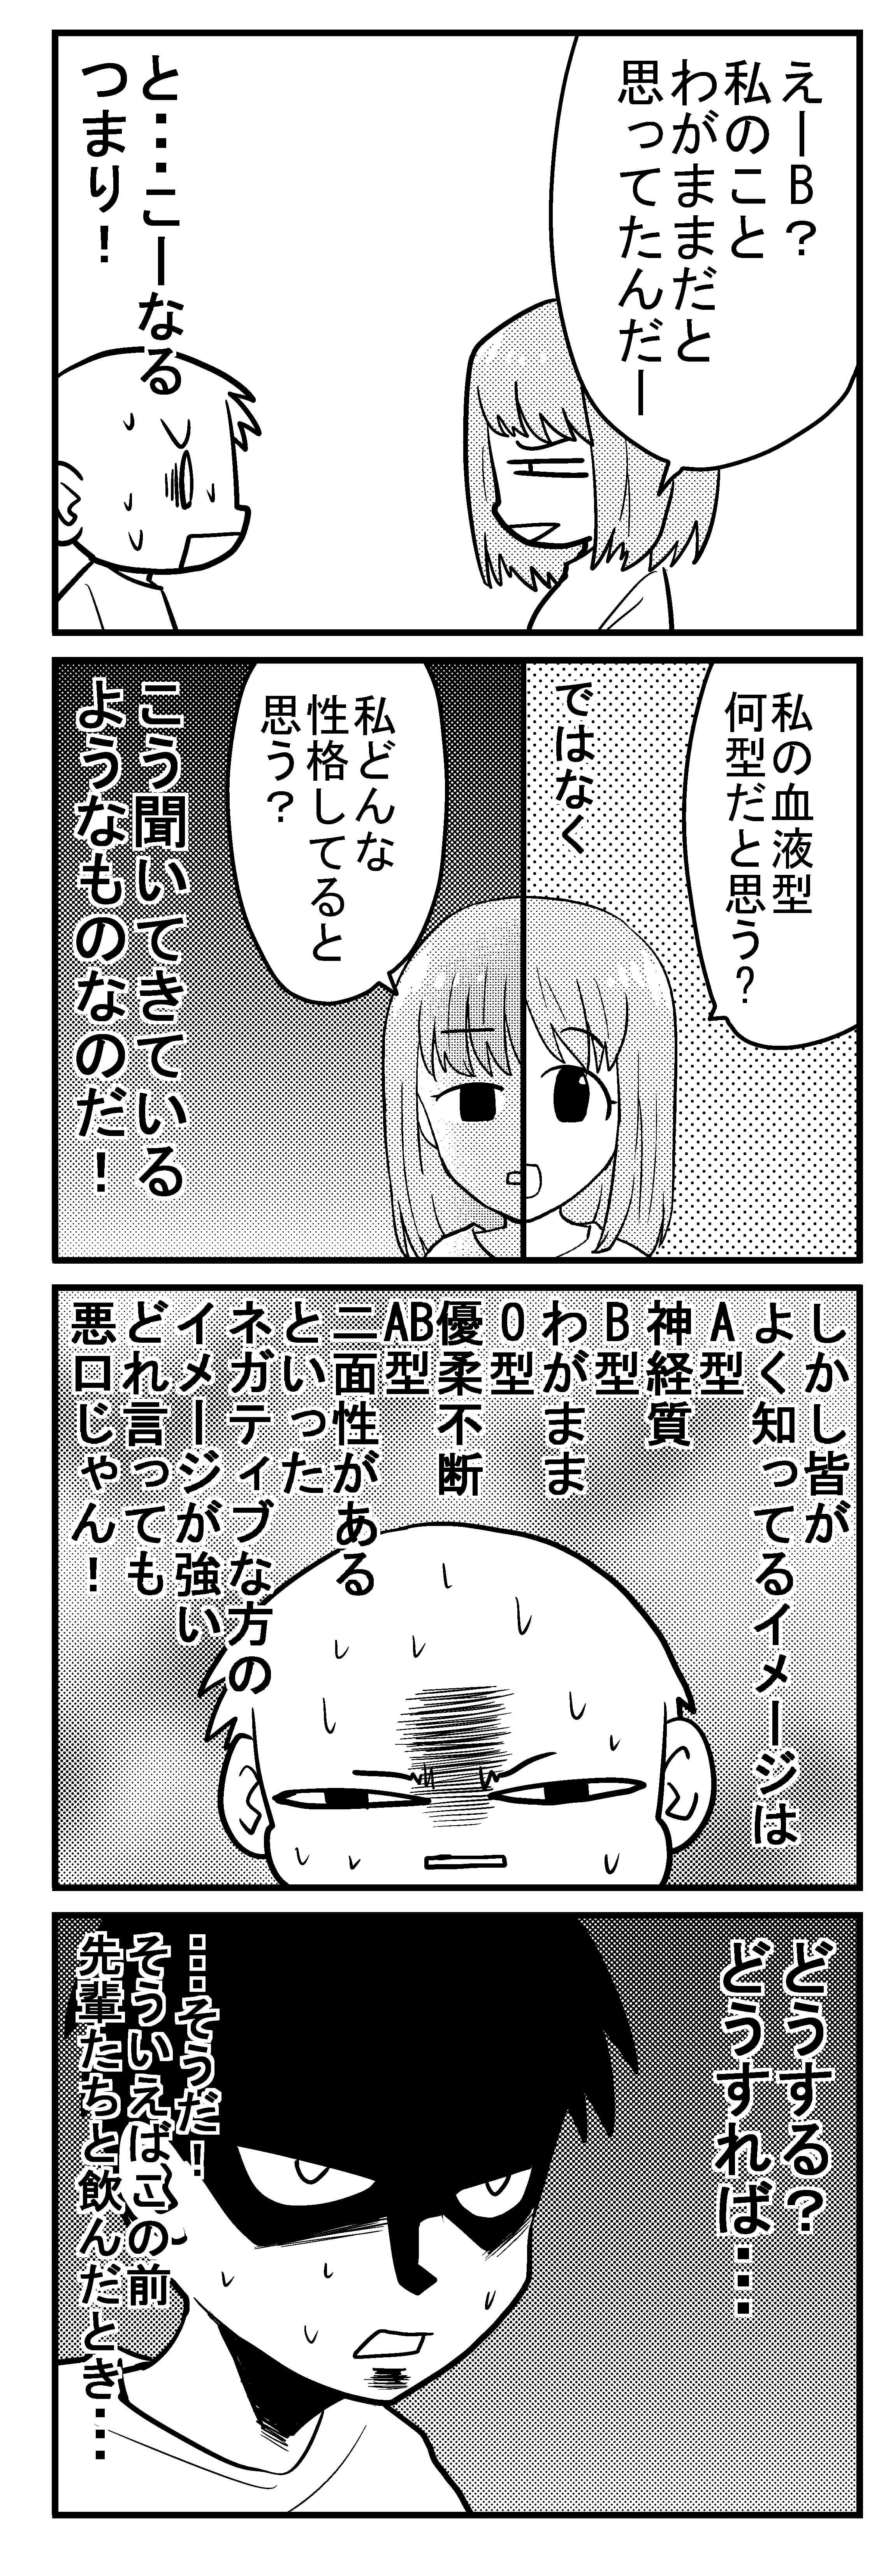 深読みくん2 (1)